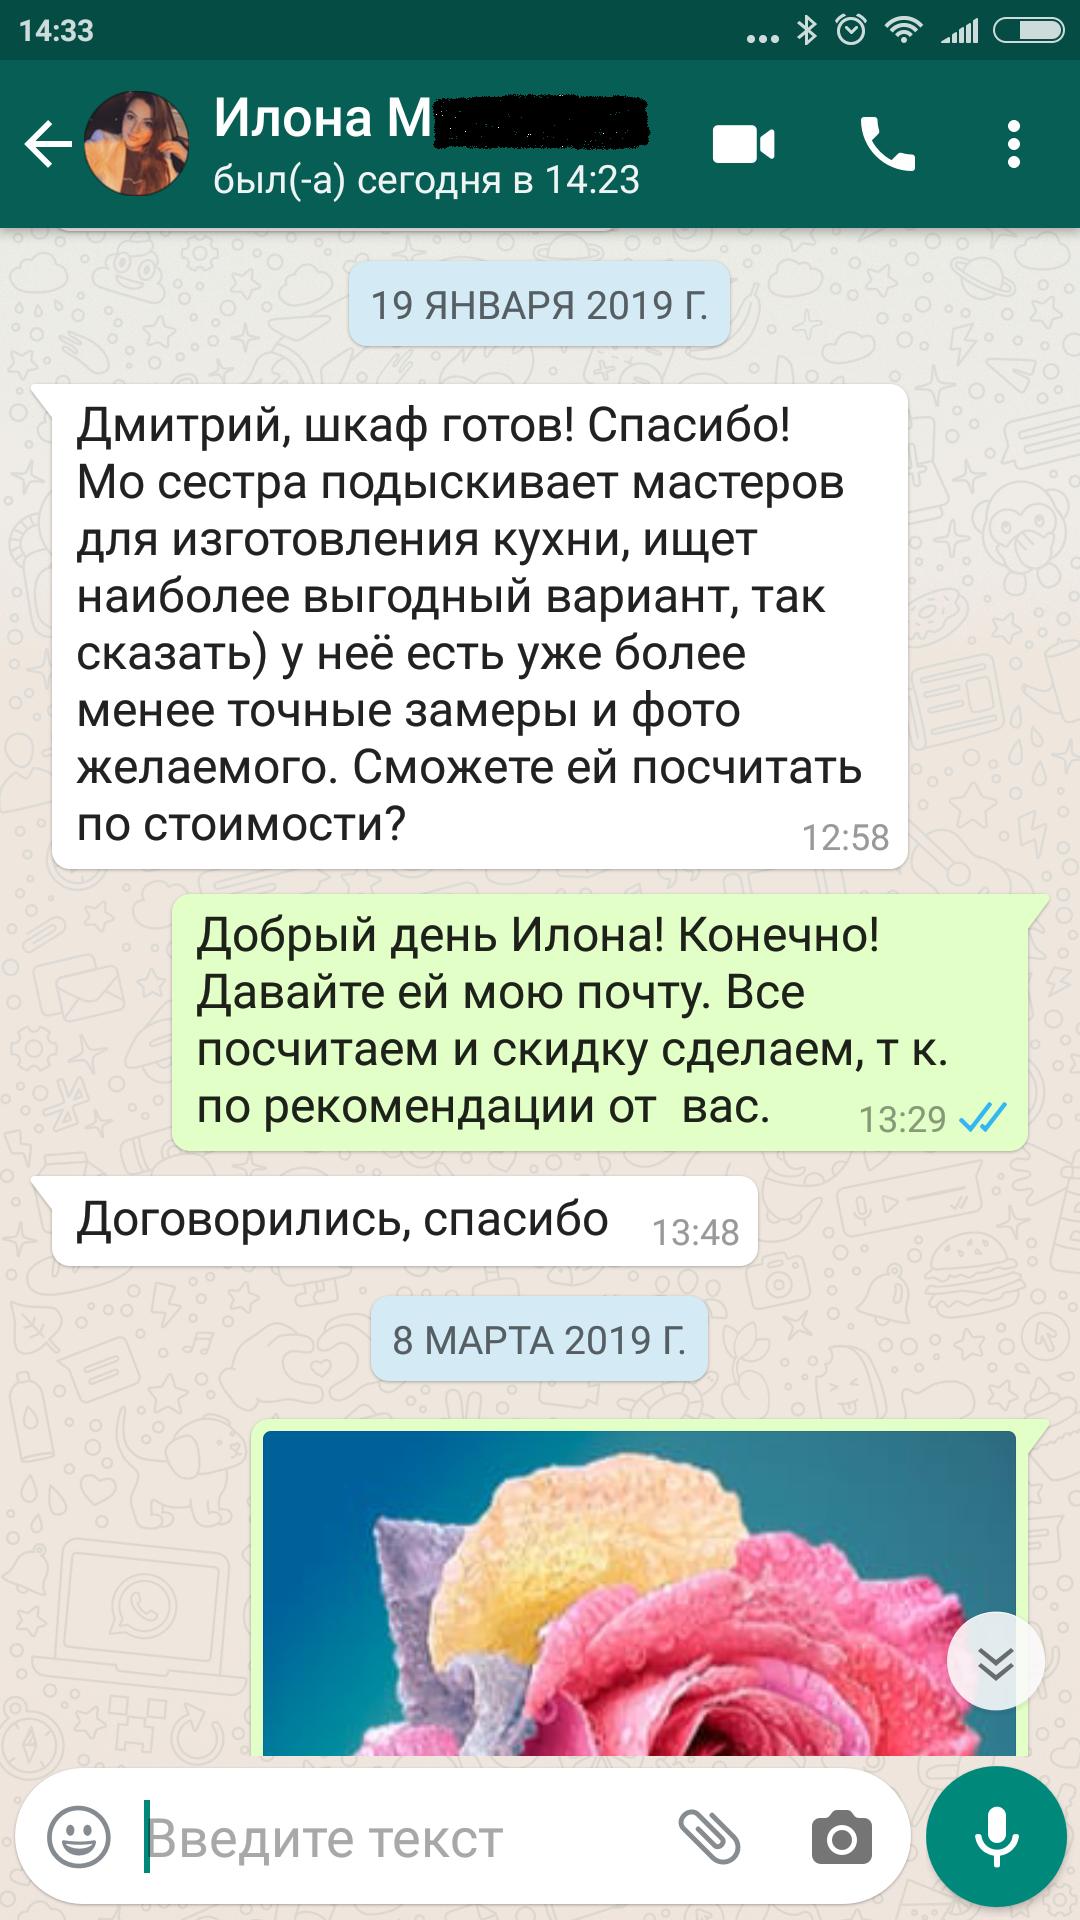 otzyv_ilona_shkaf1